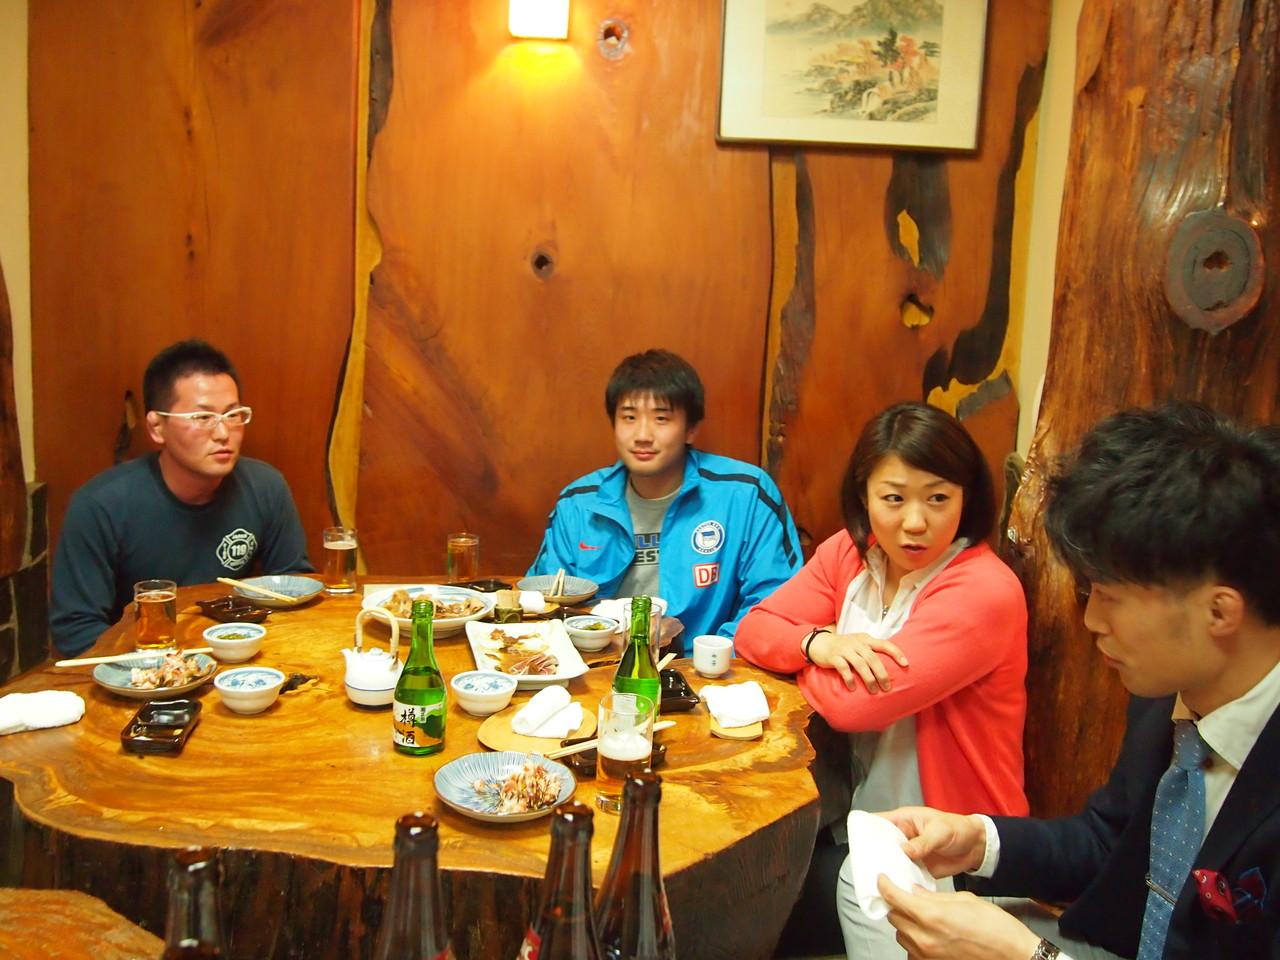 今年も松川OGに参加していただきました。ありがとう。